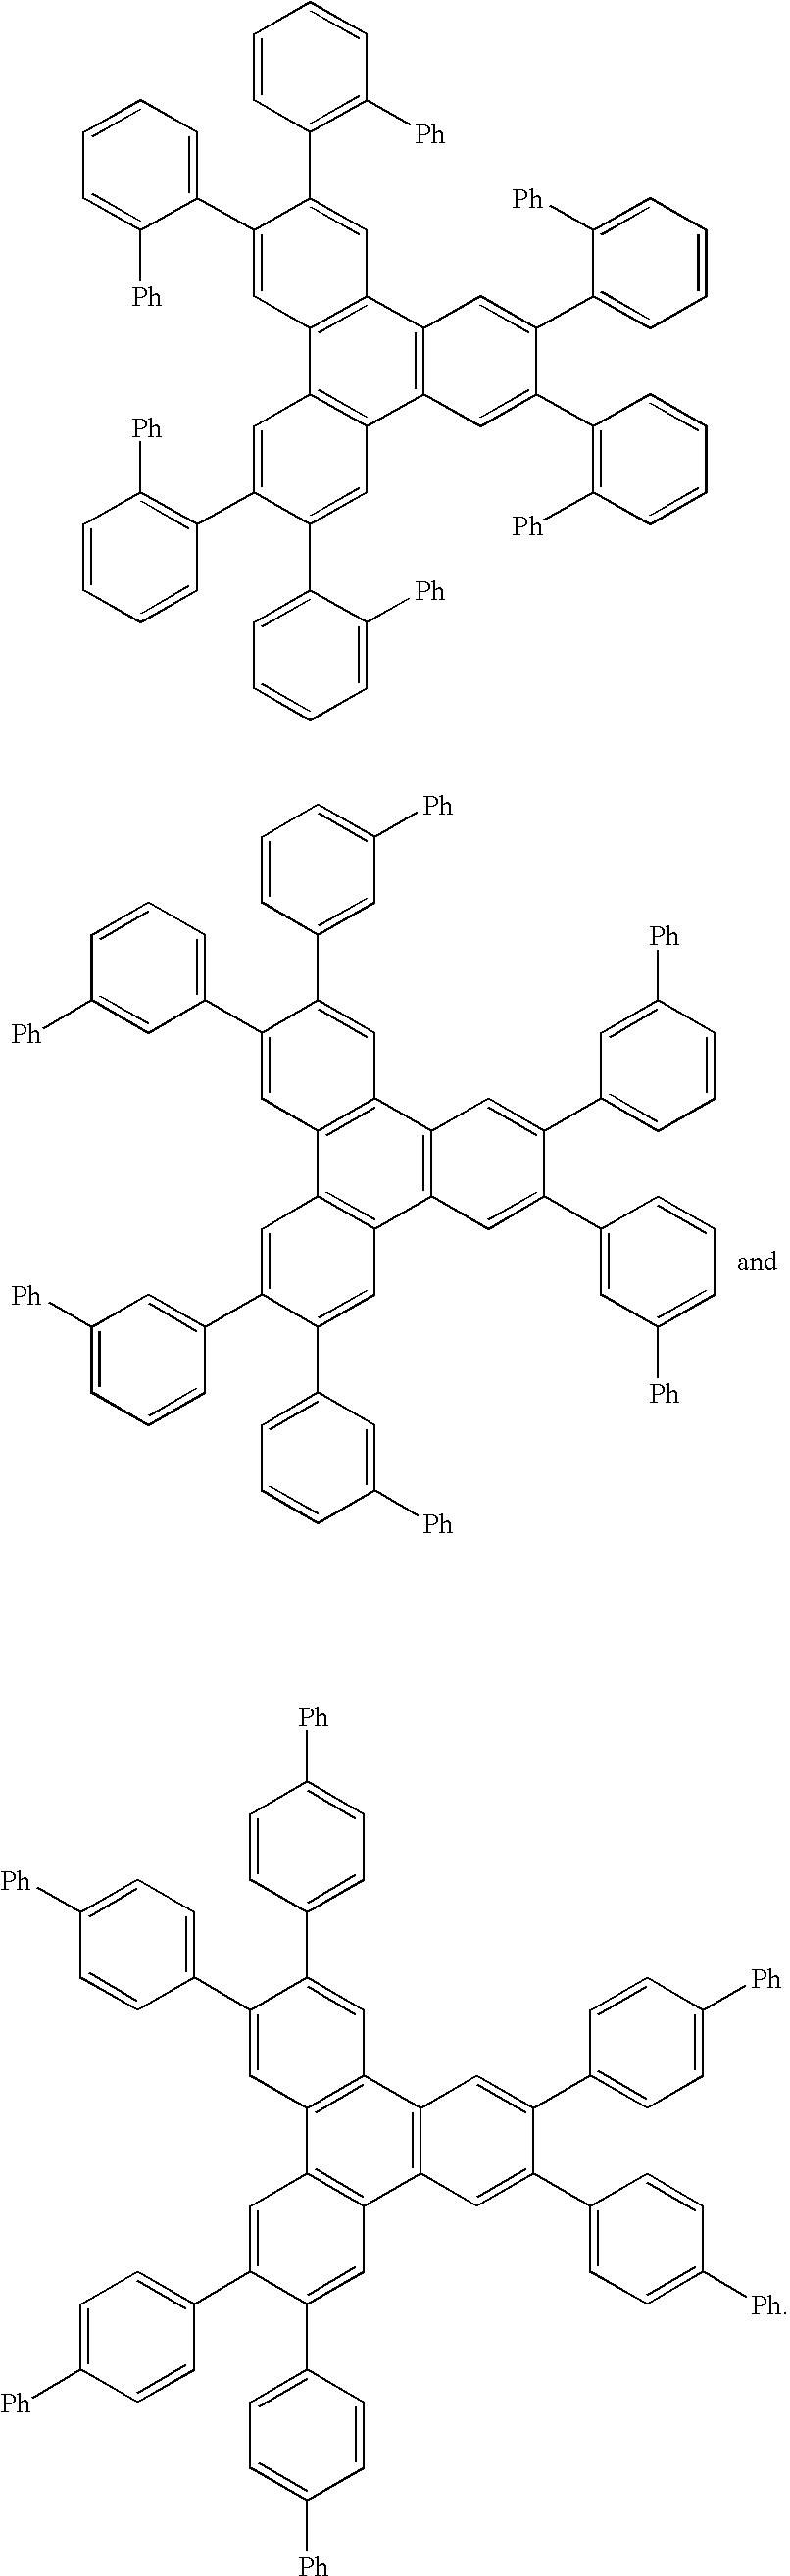 Figure US20060280965A1-20061214-C00005